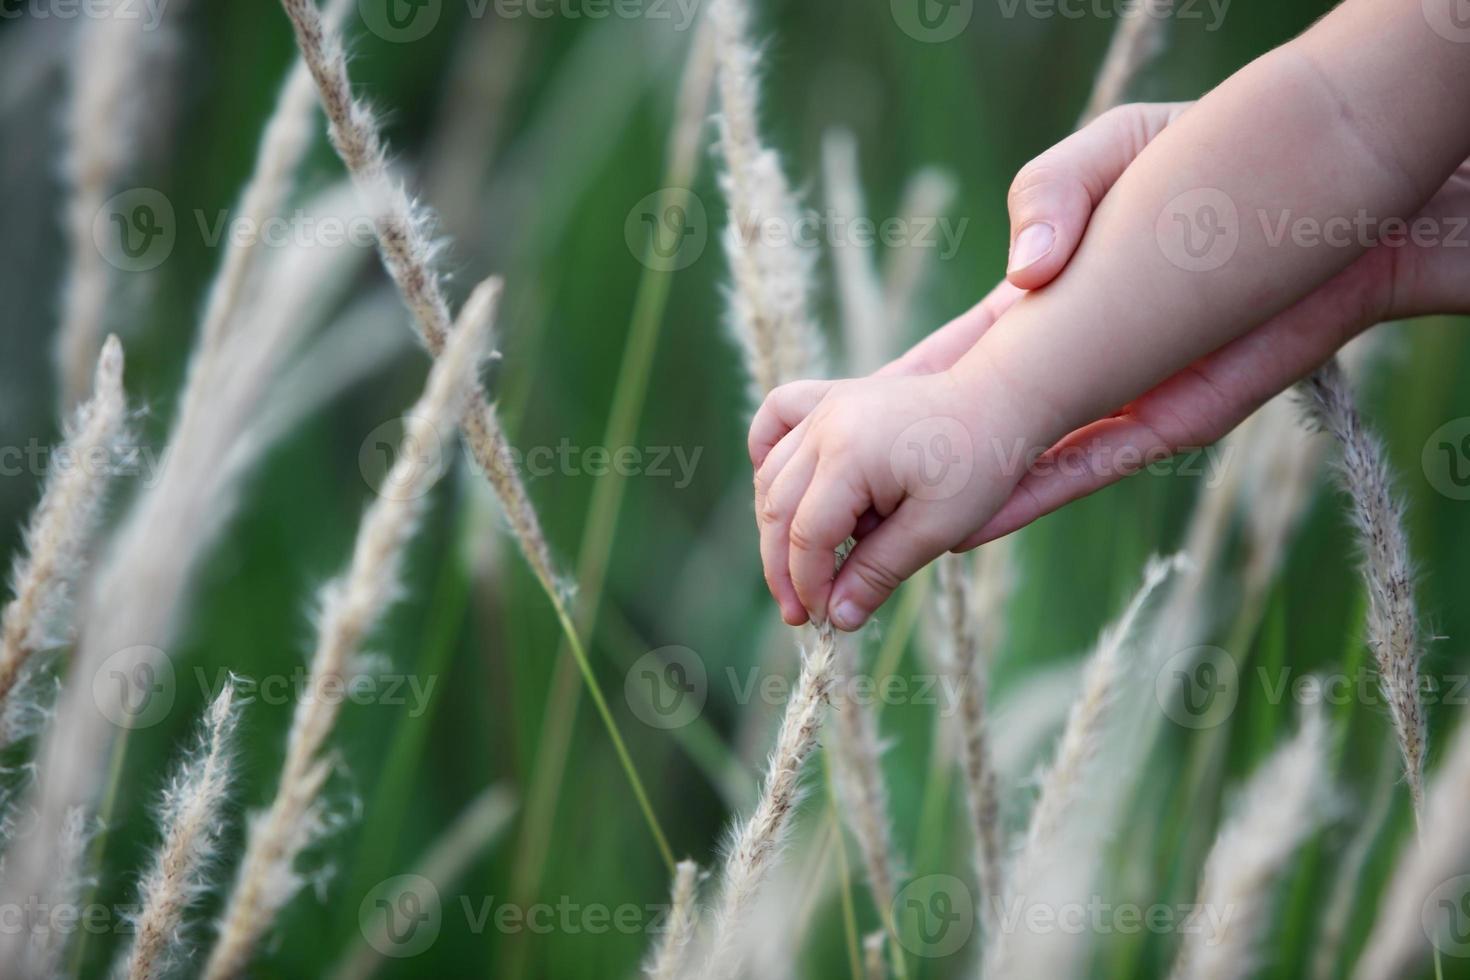 prenez la main des enfants sur l'herbe des roseaux. photo